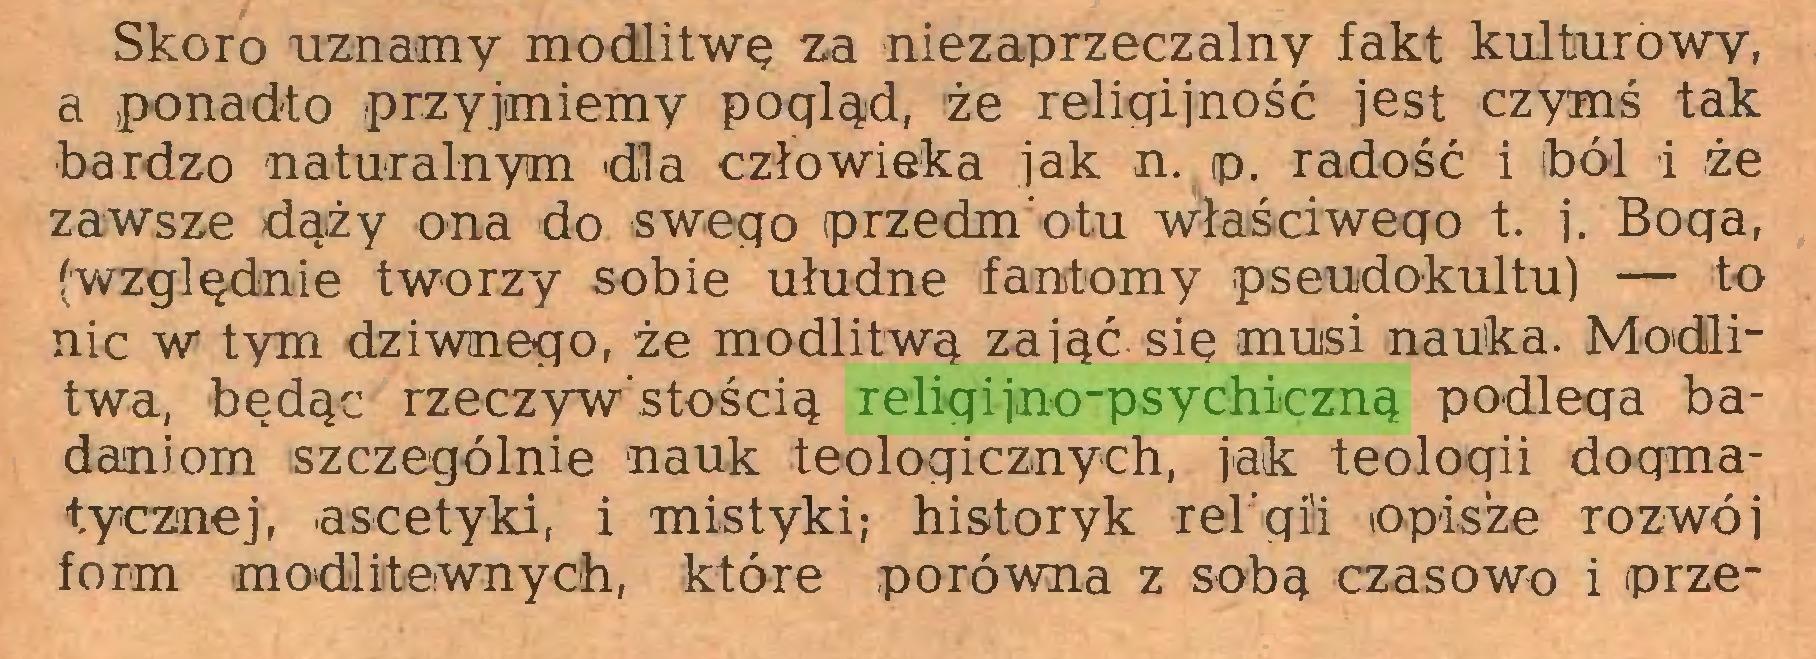 (...) Skoro uznamy modlitwę za niezaprzeczalny fakt kulturowy, a ponadto przyjmiemy pogląd, że religijność jest czymś tak bardzo naturalnym dla człowieka jak n. p. radość i ból i że zawsze dąży ona do swego przedmiotu właściwego t. j. Boga, (względnie tworzy sobie ułudne fantomy pseudokultu) — to nic w tym dziwnego, że modlitwą zająć się musi nauka. Modlitwa, będąc rzeczywistością religijno-psychiczną podlega badaniom szczególnie nauk teologicznych, jak teologii dogmatycznej, ascetyki, i mistyki; historyk rei gil opisze rozwój form modlitewnych, które porówna z sobą czasowo i prze...